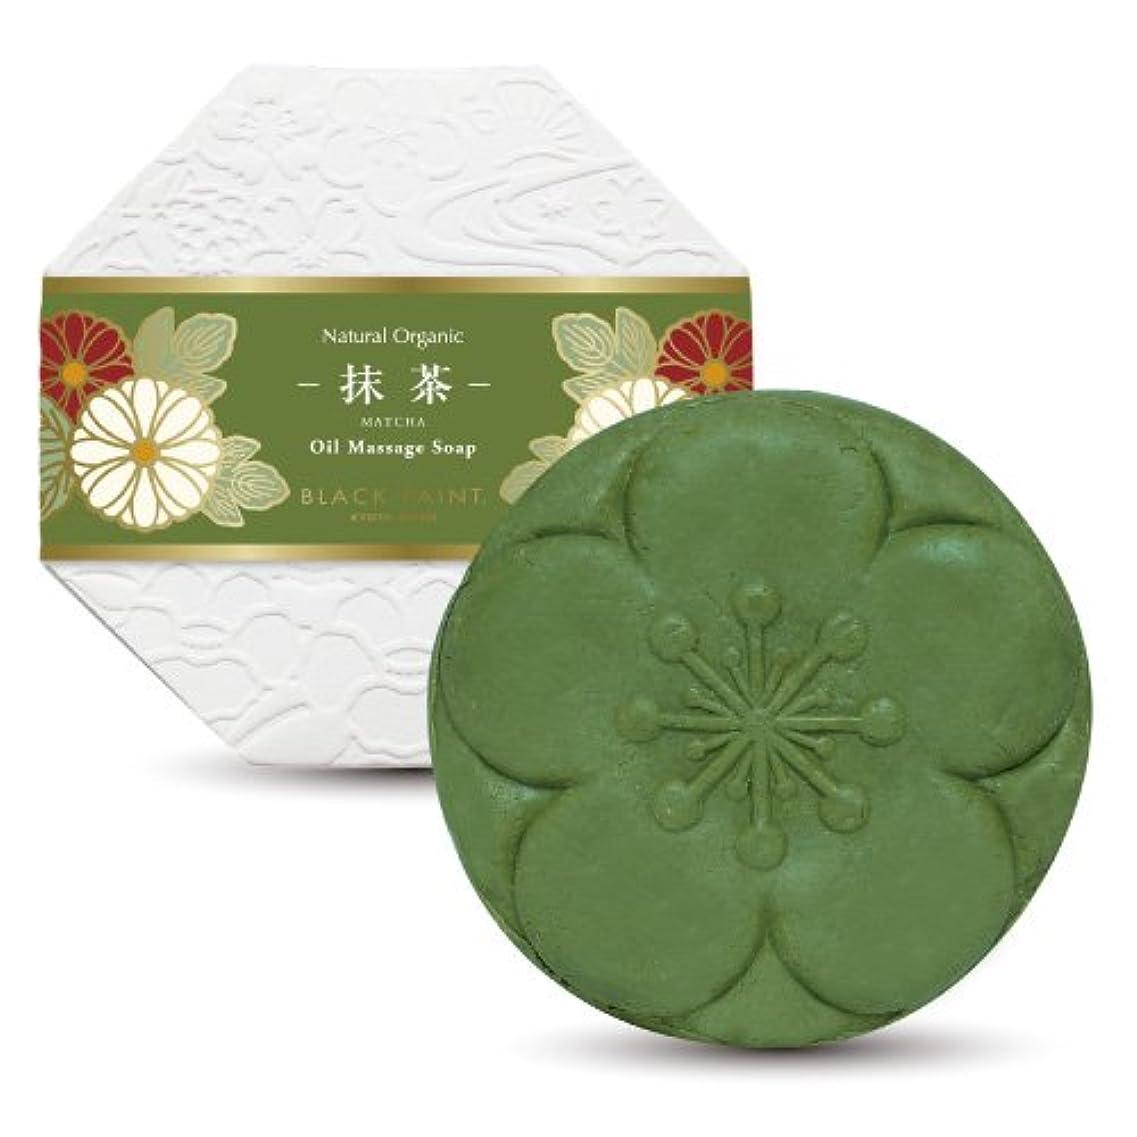 通知そこ行為京のお茶石鹸 抹茶 120g 塗る石鹸